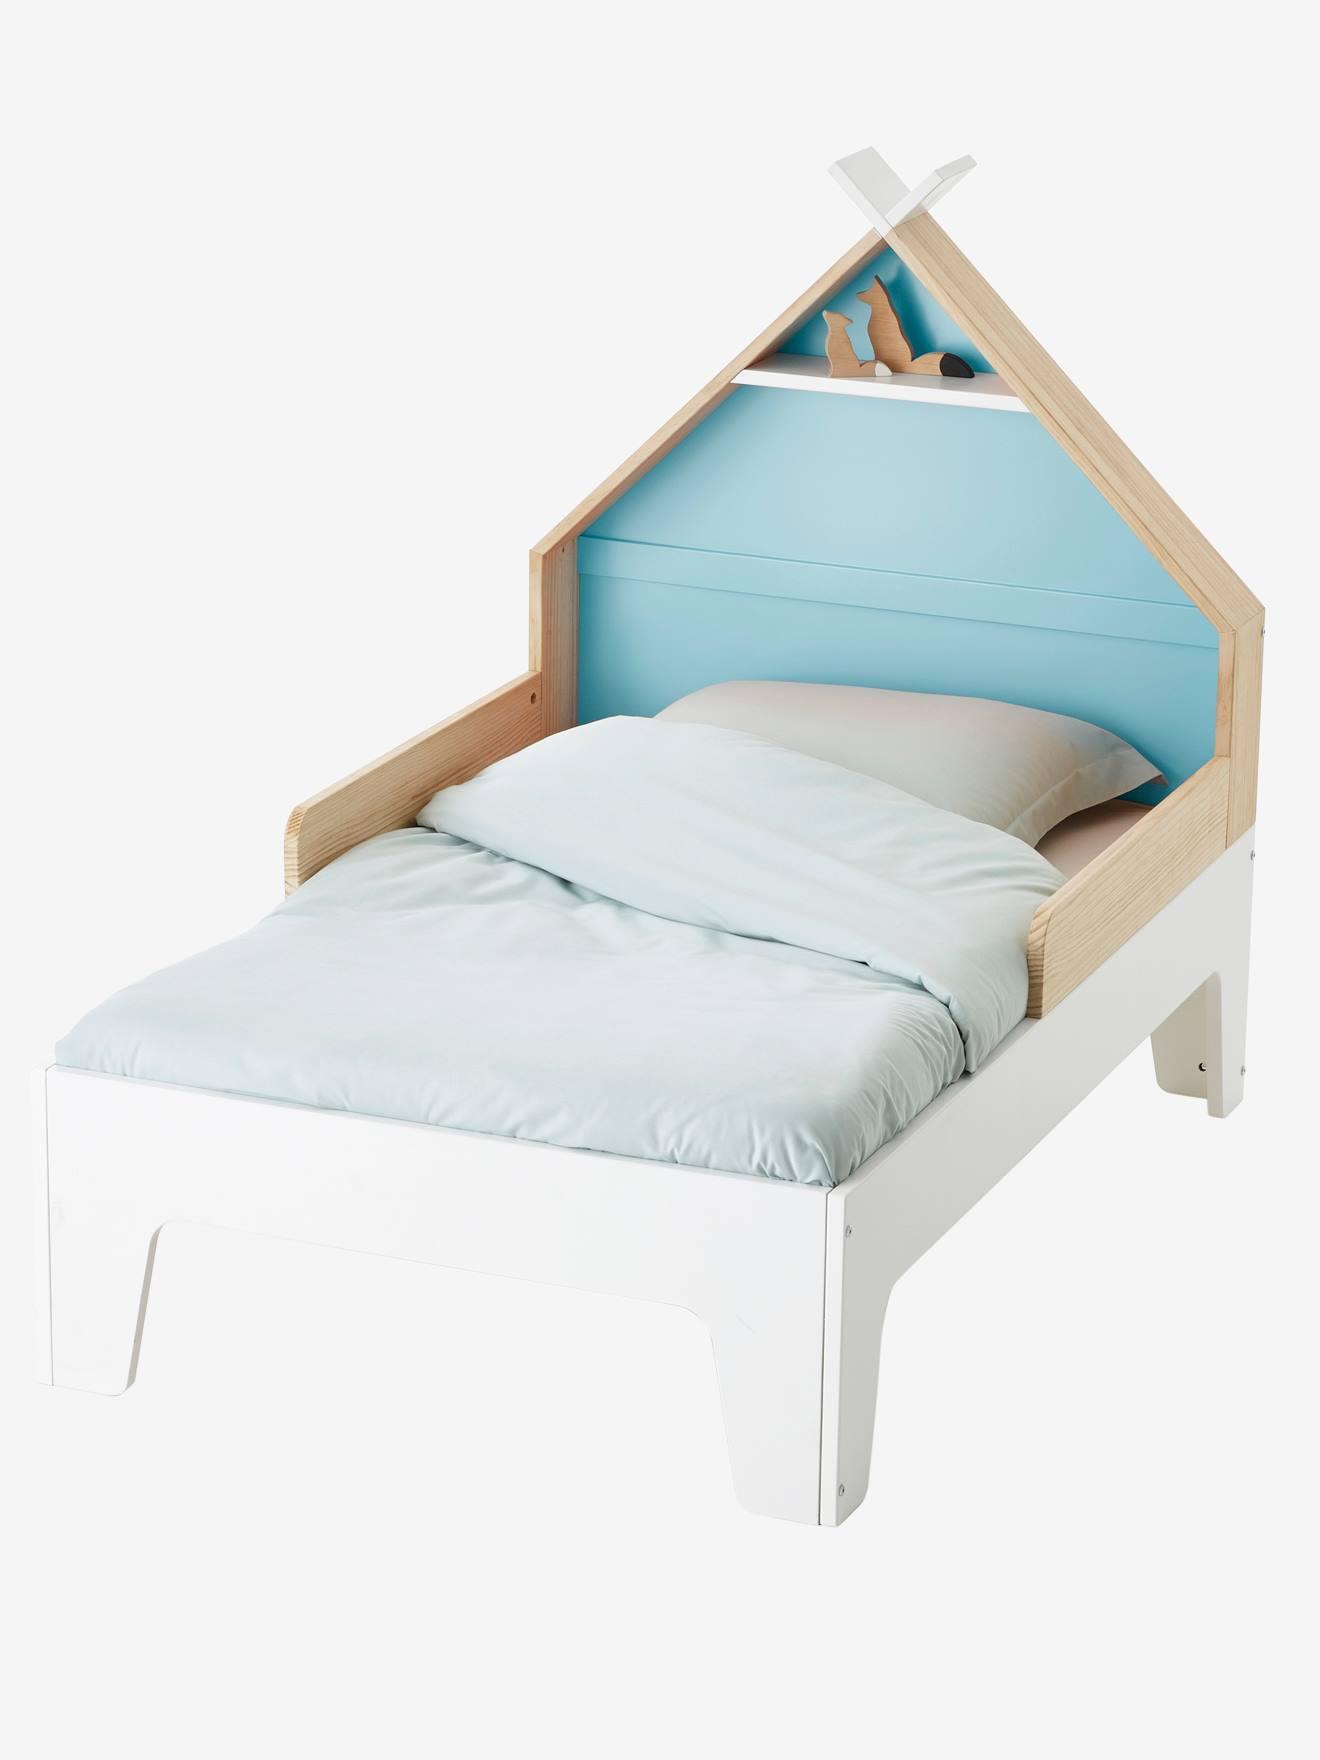 Full Size of Bett Zum Ausziehen Paletten 140x200 Regal Aufhängen Weißes Luxus Betten Massiv 180x200 Ruf Mit Matratze Und Lattenrost Funktions 180x220 Eiche Bettkasten Bett Bett Zum Ausziehen